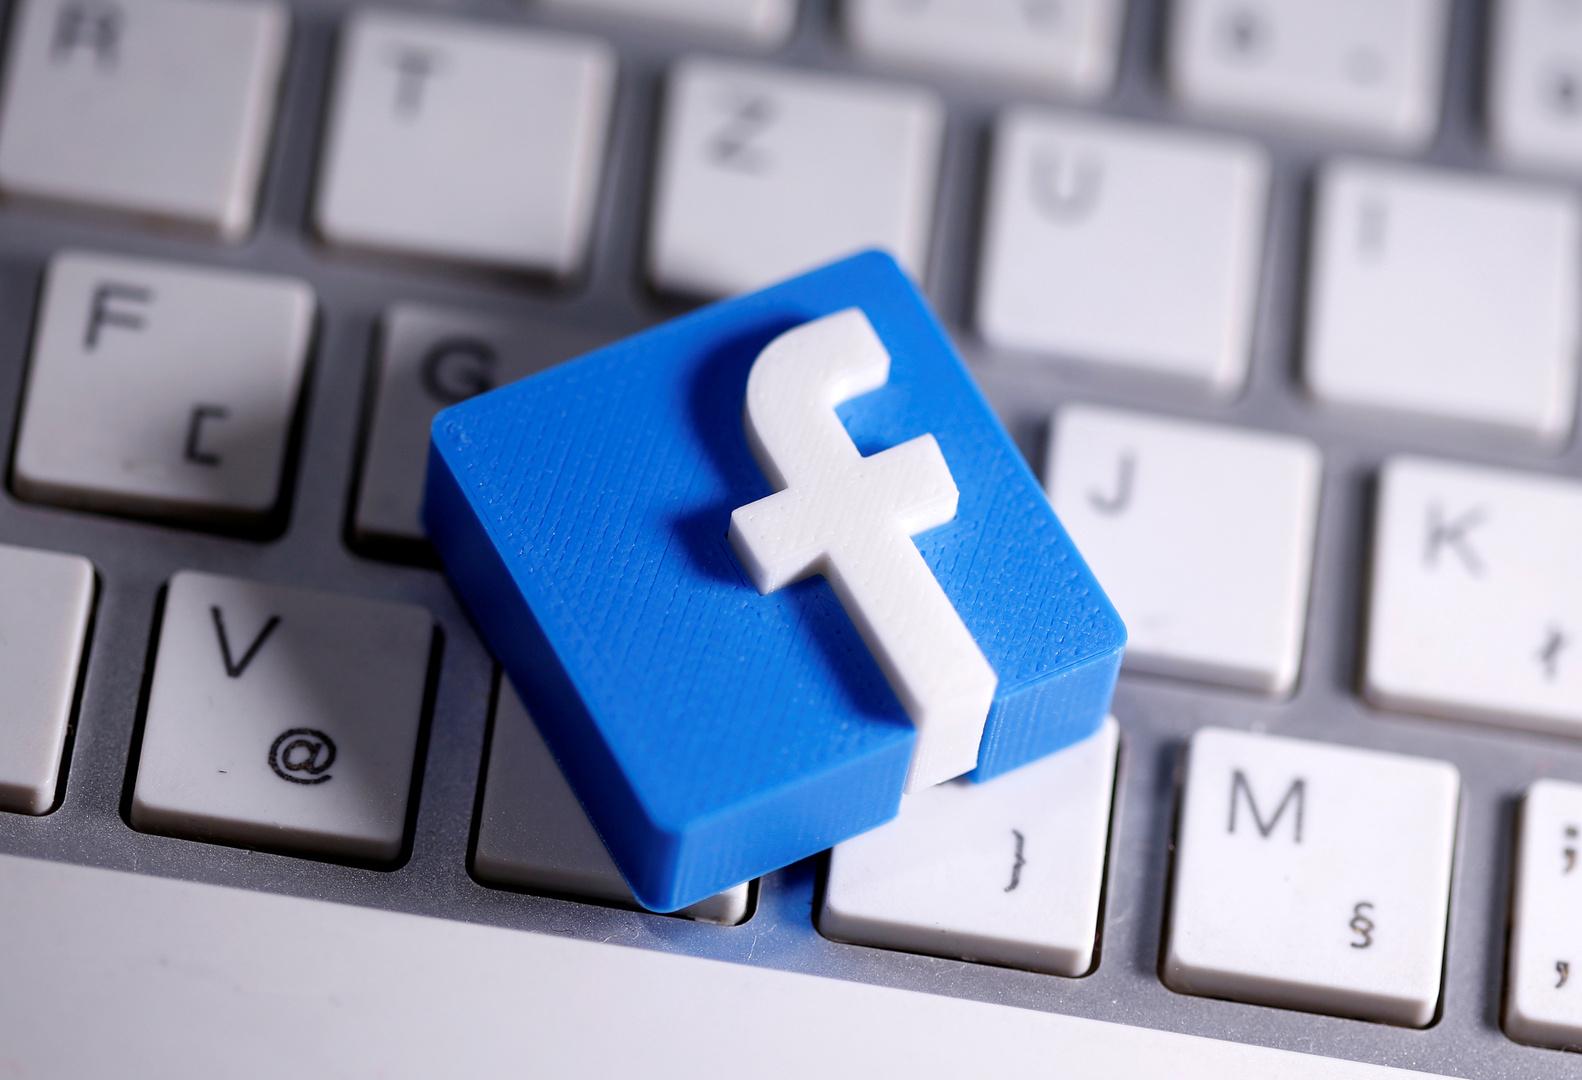 الأمن اللبناني يوقف سوريا أنشأ في فيسبوك حسابا مزيفا لشتم النبي محمد